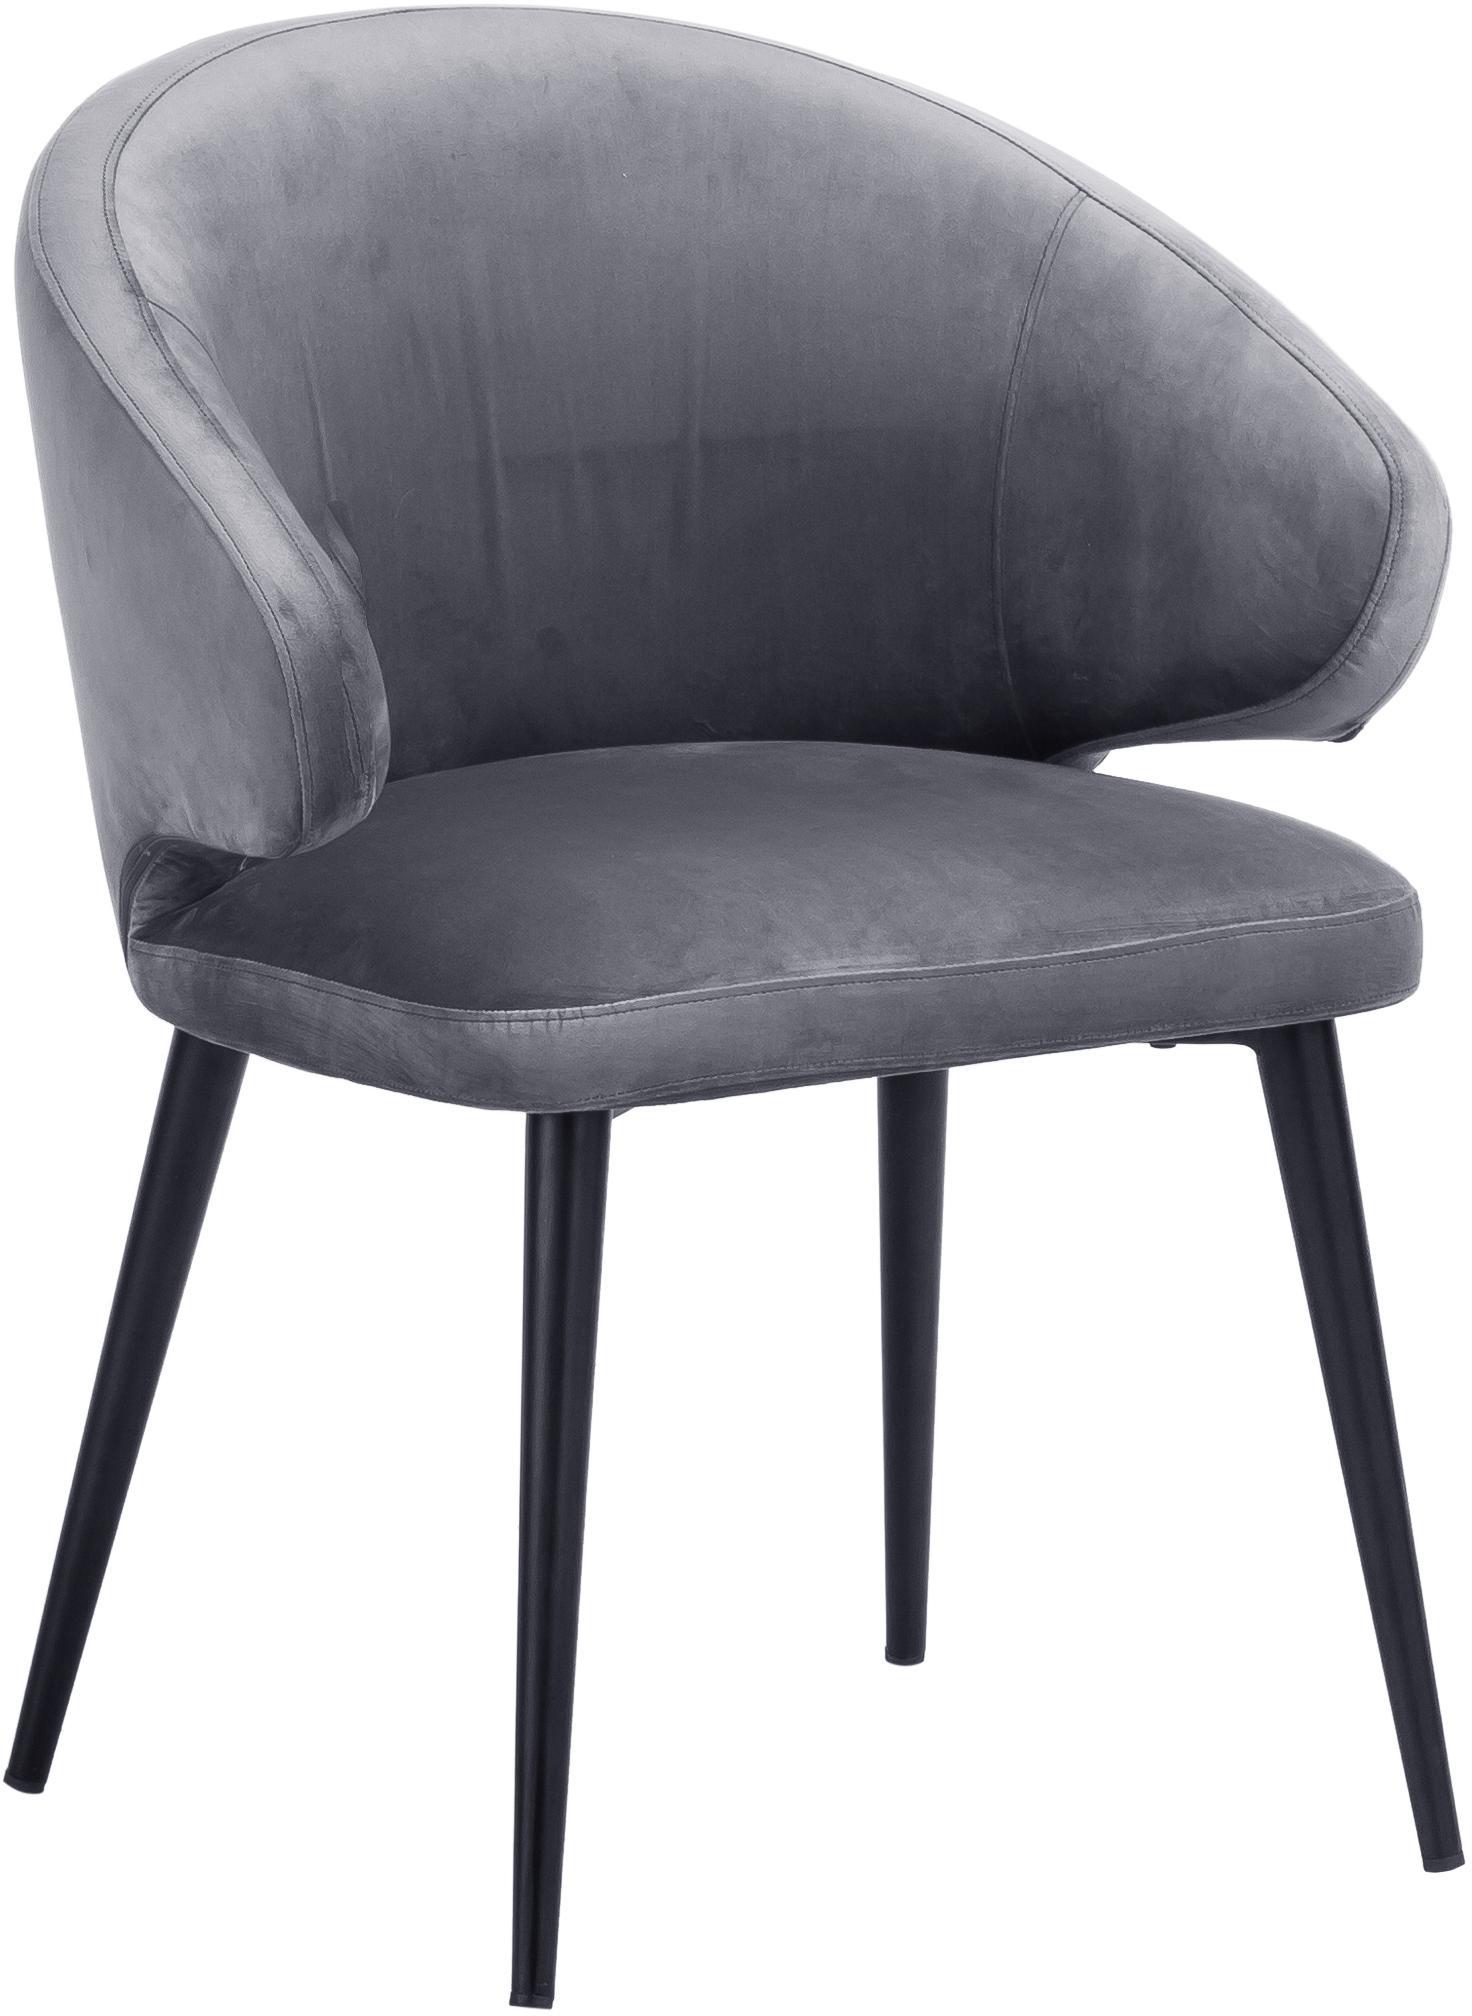 Krzesło z podłokietnikami z aksamitu Celia, Tapicerka: aksamit (poliester) Tkani, Nogi: metal malowany proszkowo, Aksamitny szary, S 57 x G 62 cm